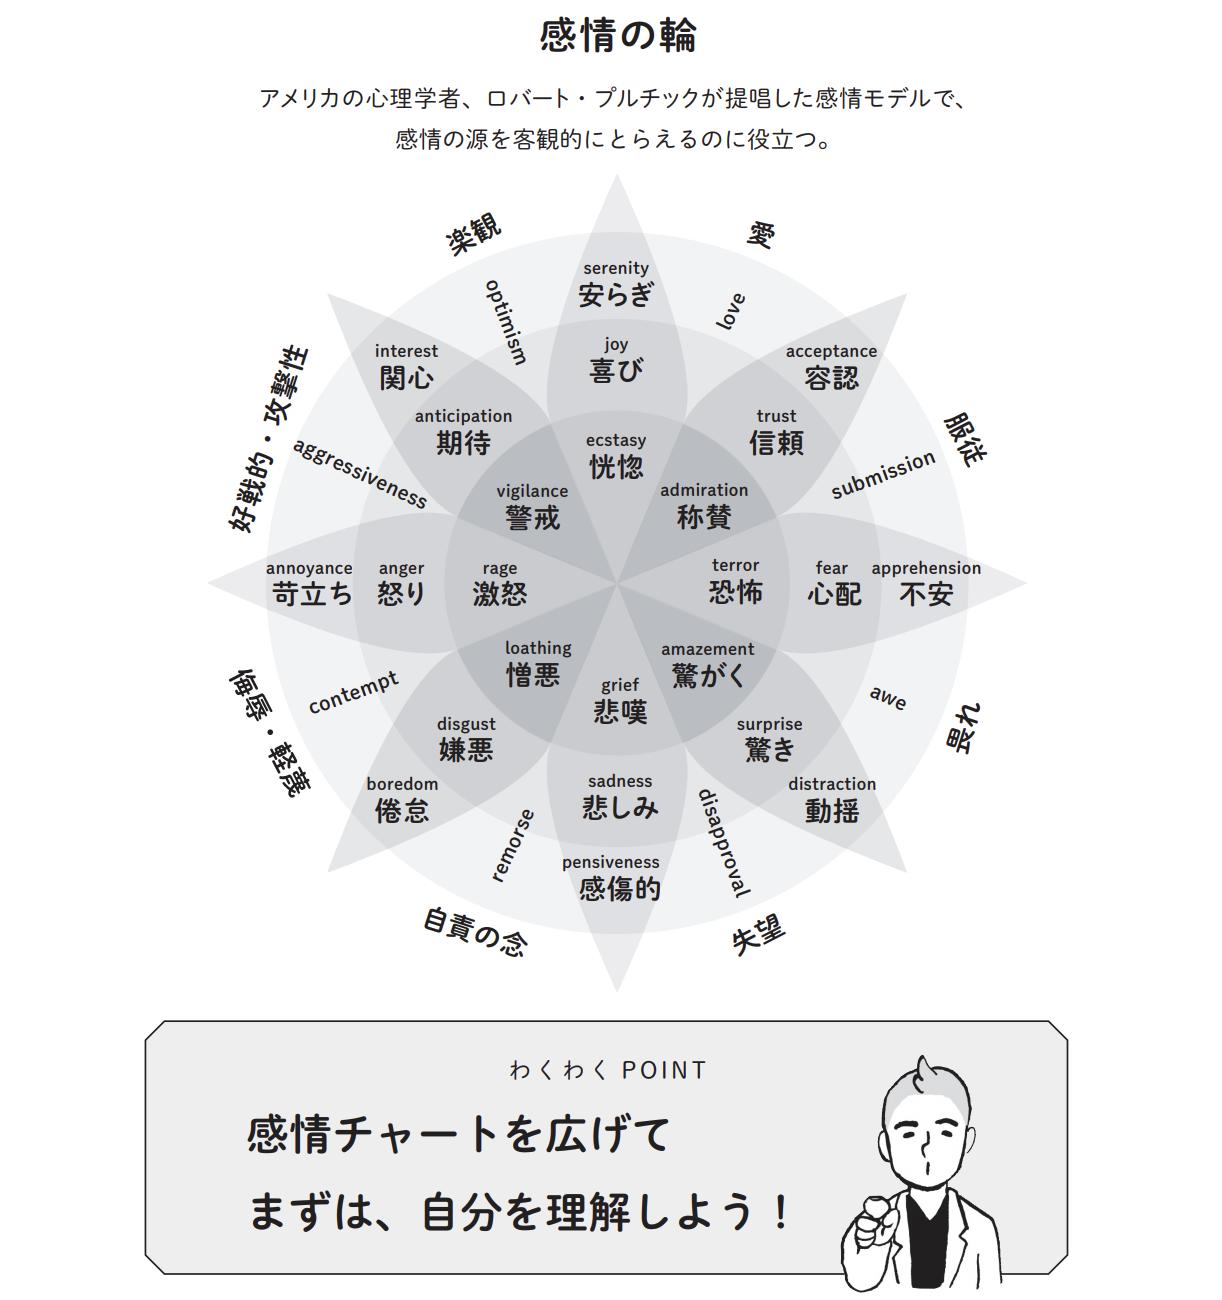 「感情の輪」のチャート